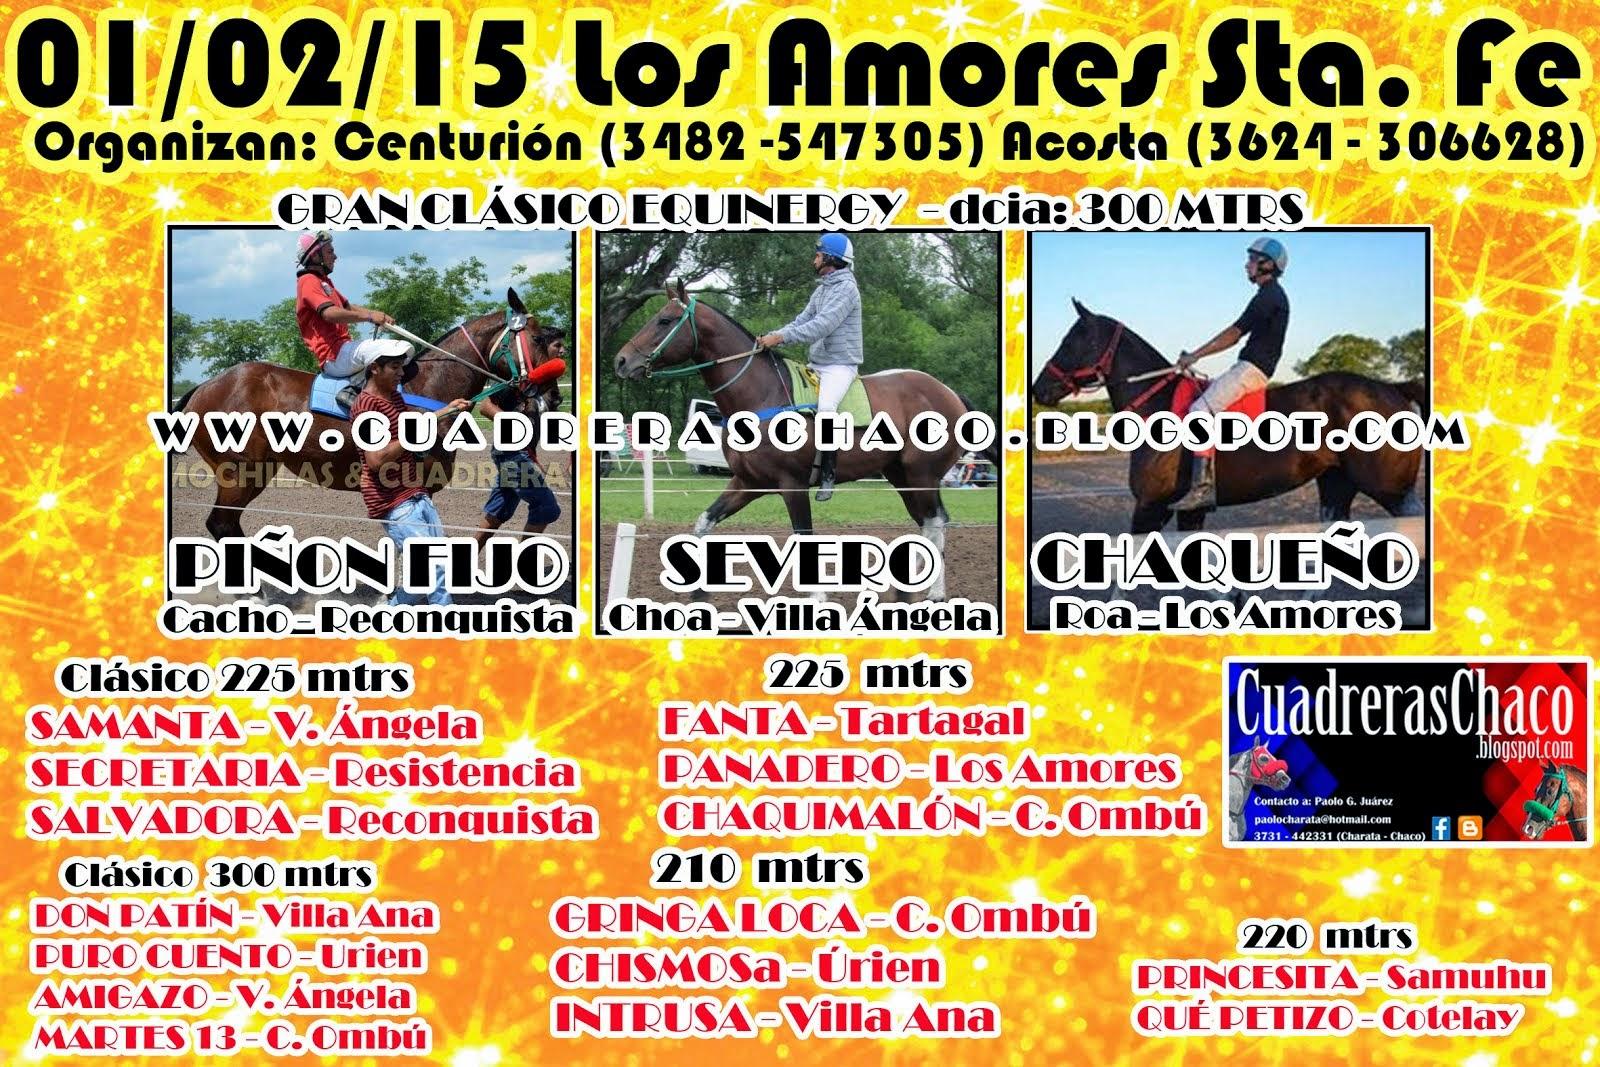 LOS AMORES 1-2-15